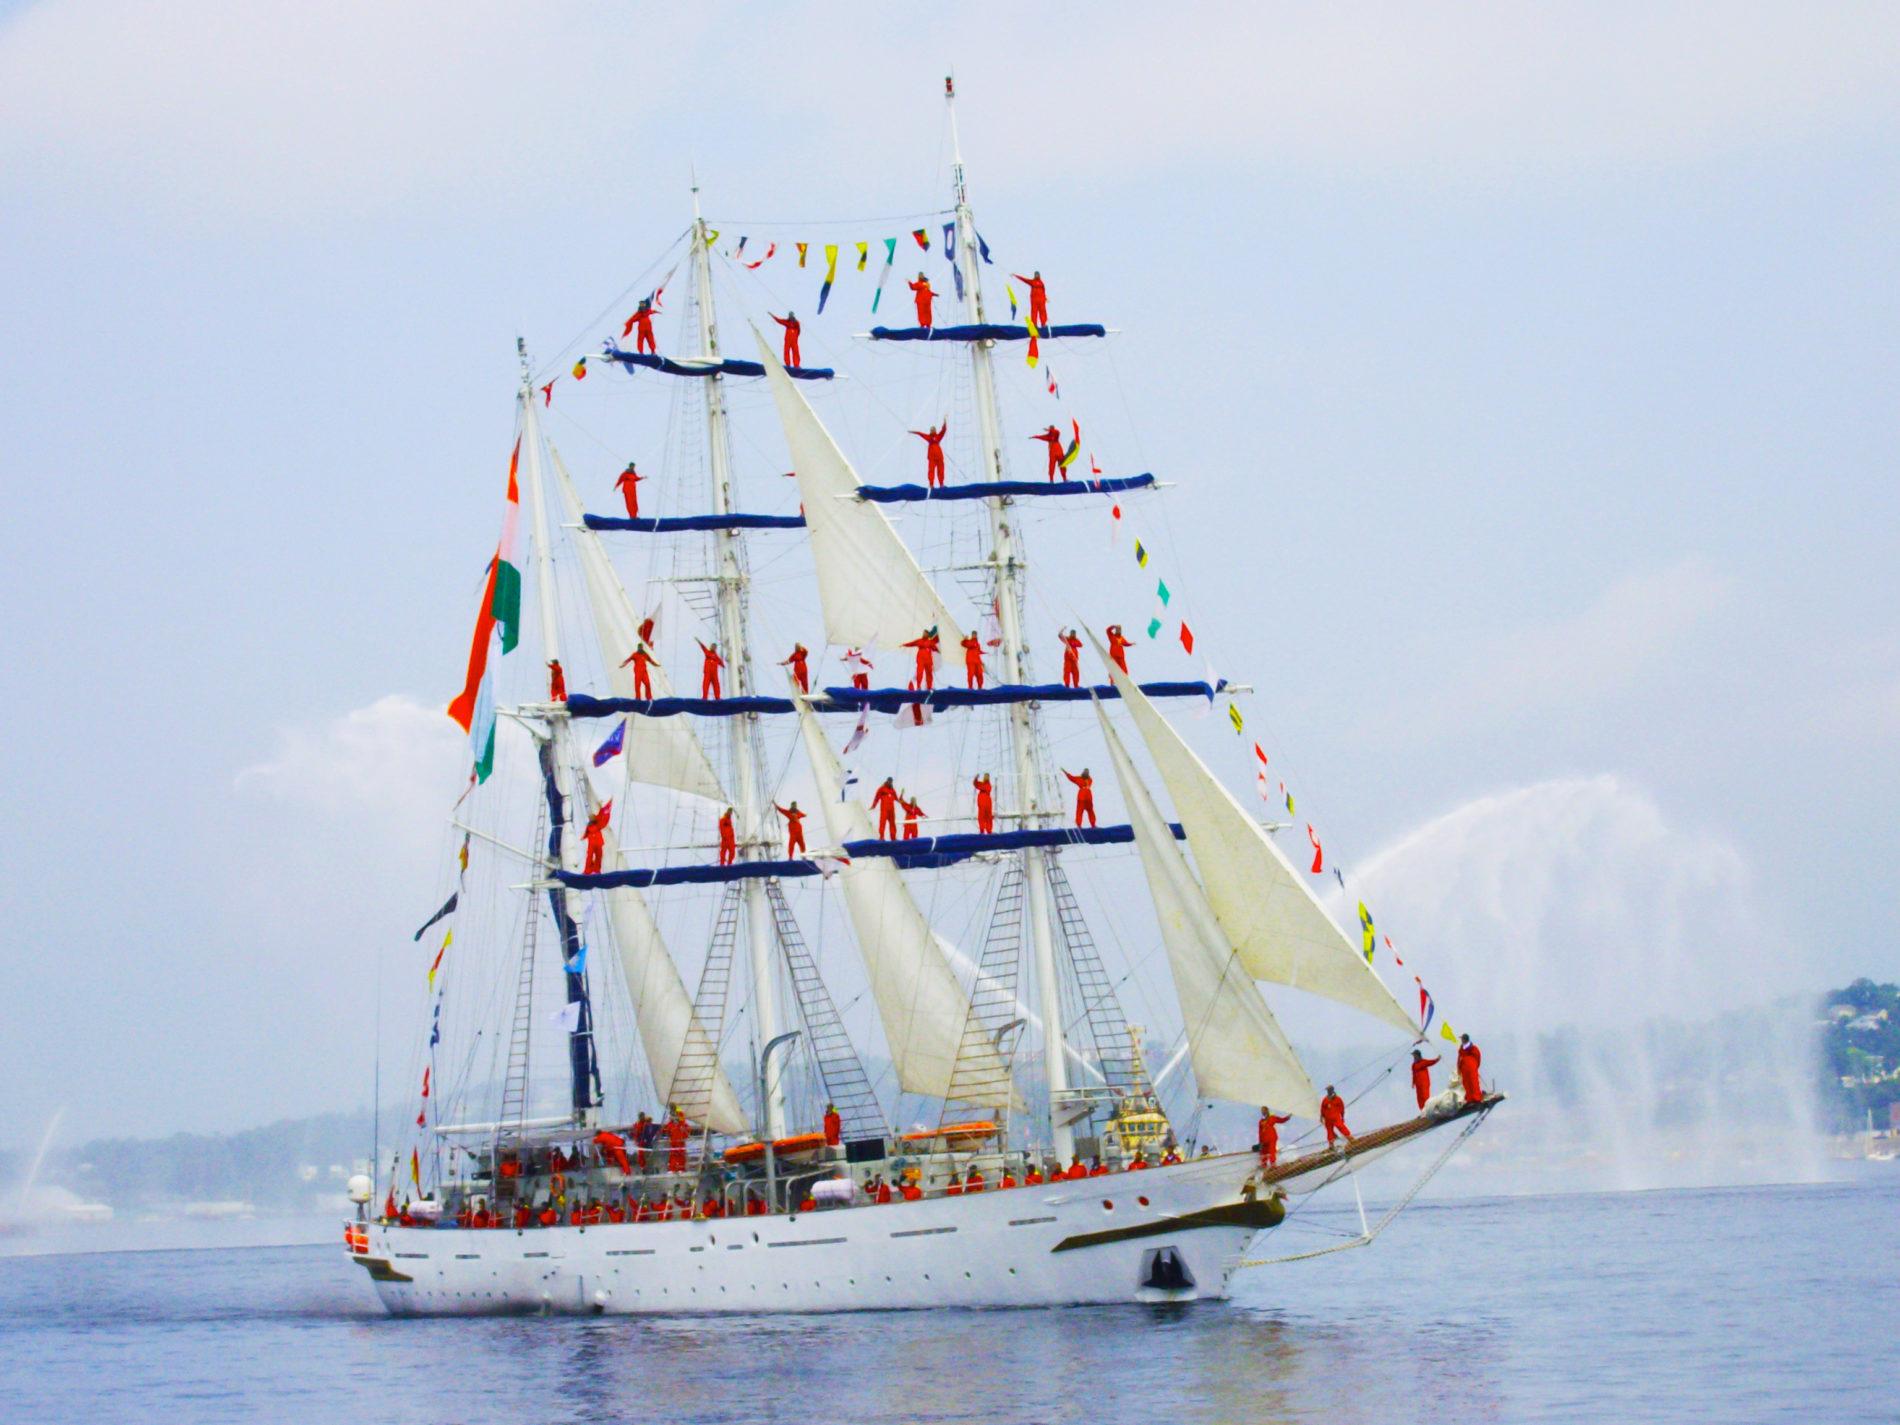 Bemanningsleden van de Tarangini  uit India geven een show op het schip